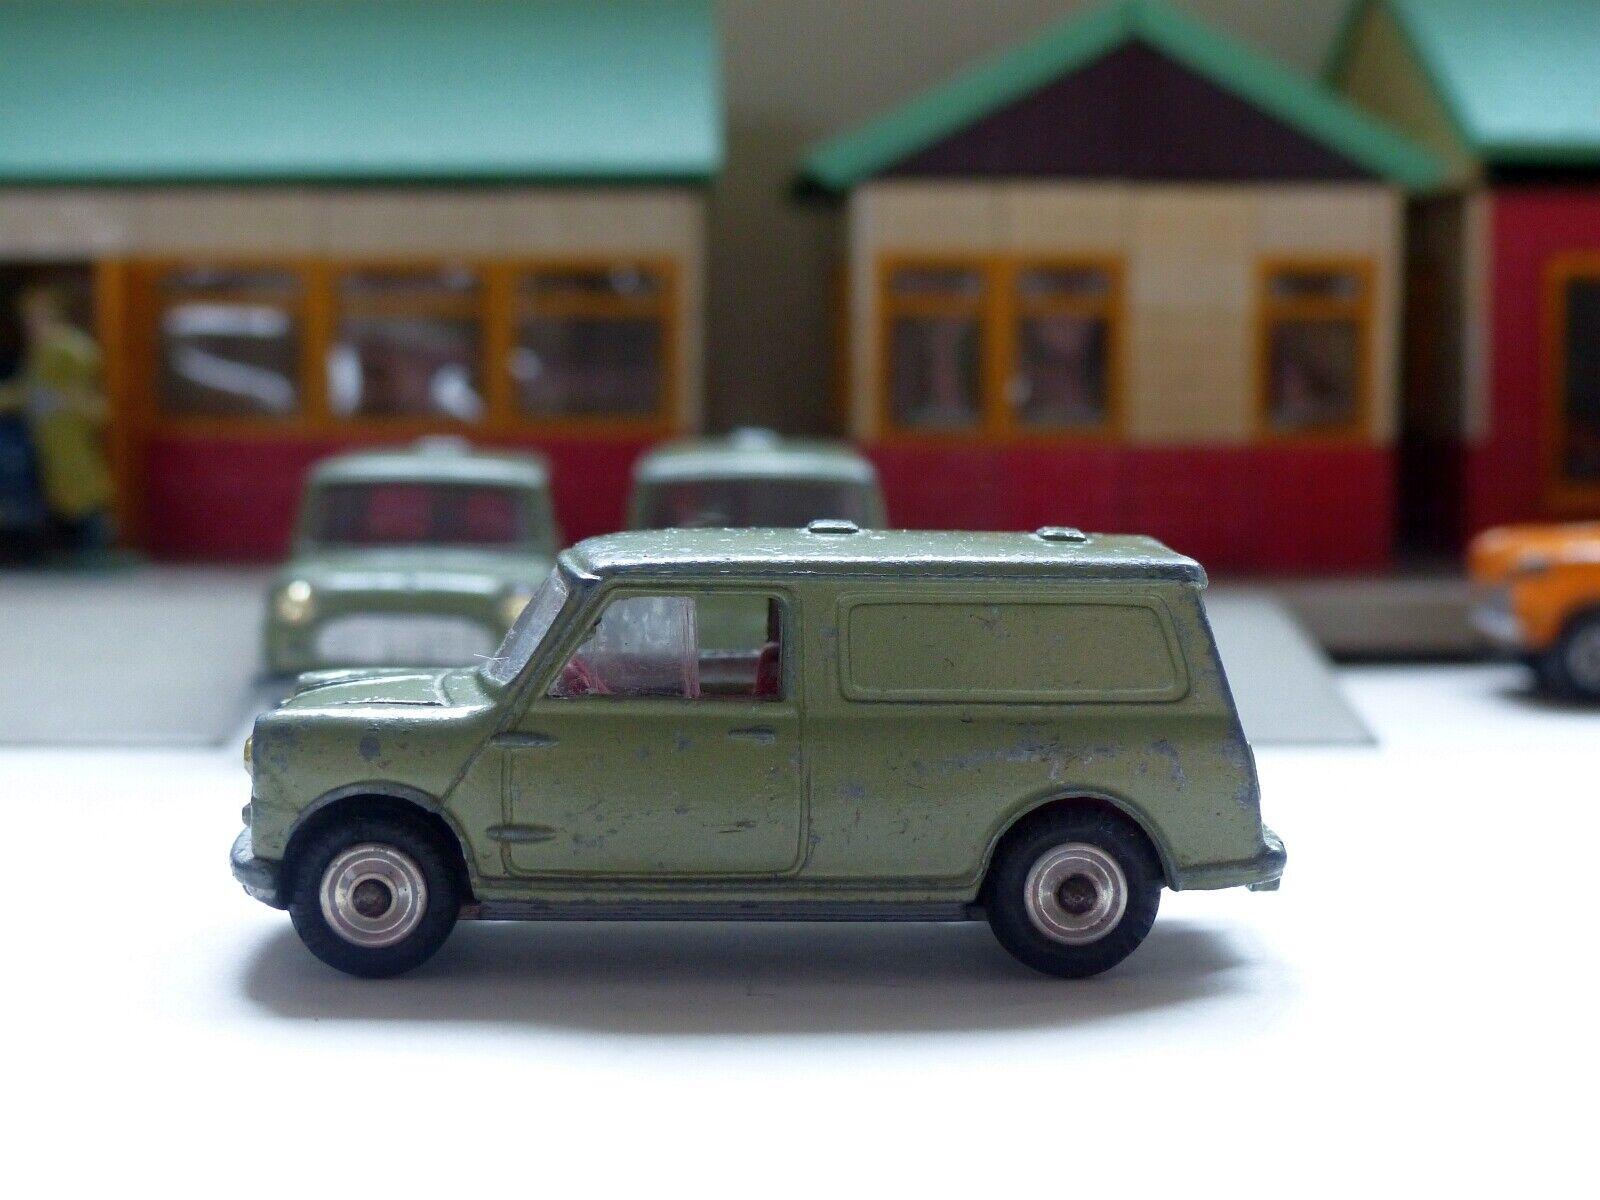 Corgi Toys 450 Mini Van with Silber grille